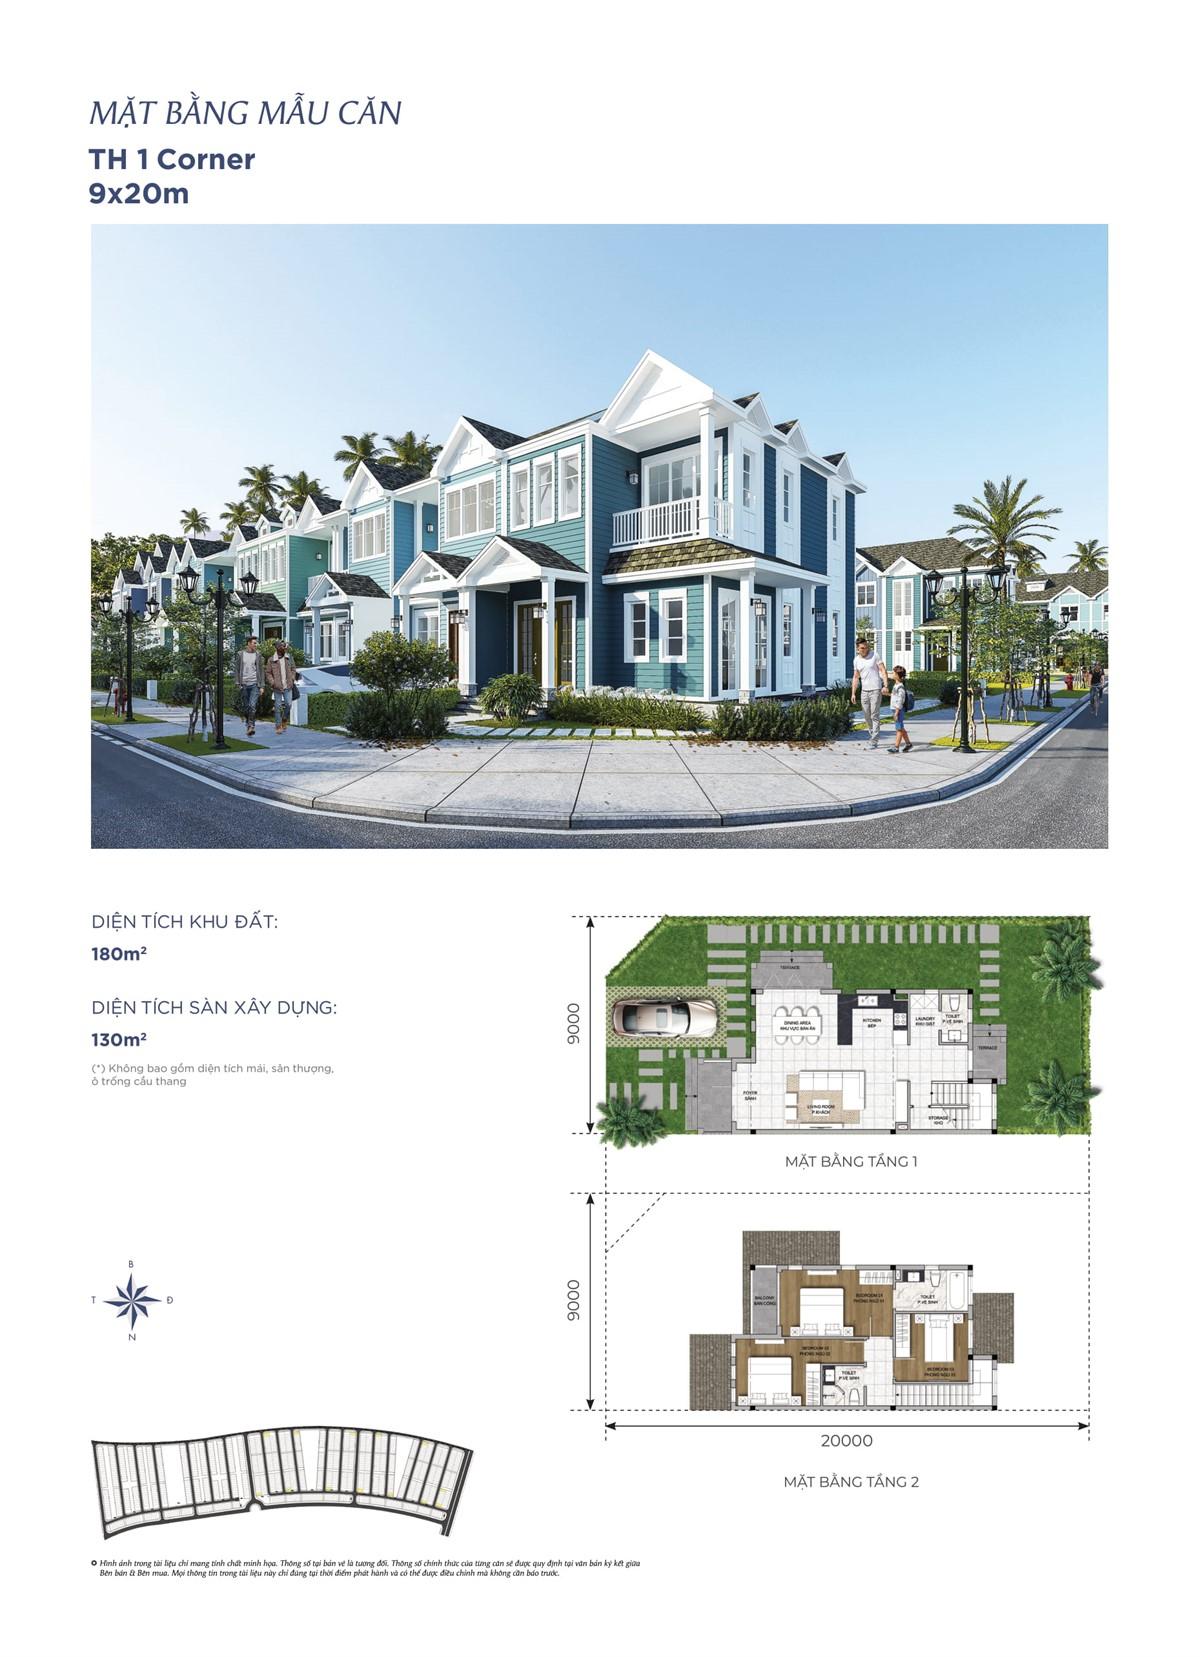 NovaWorld-Phan-Thiet-Phase2-Khu4A-Novaland-Binh-Thuan-Ma-Can-TH1-Coner-9x20-Nha-Pho-Town-House-180m2